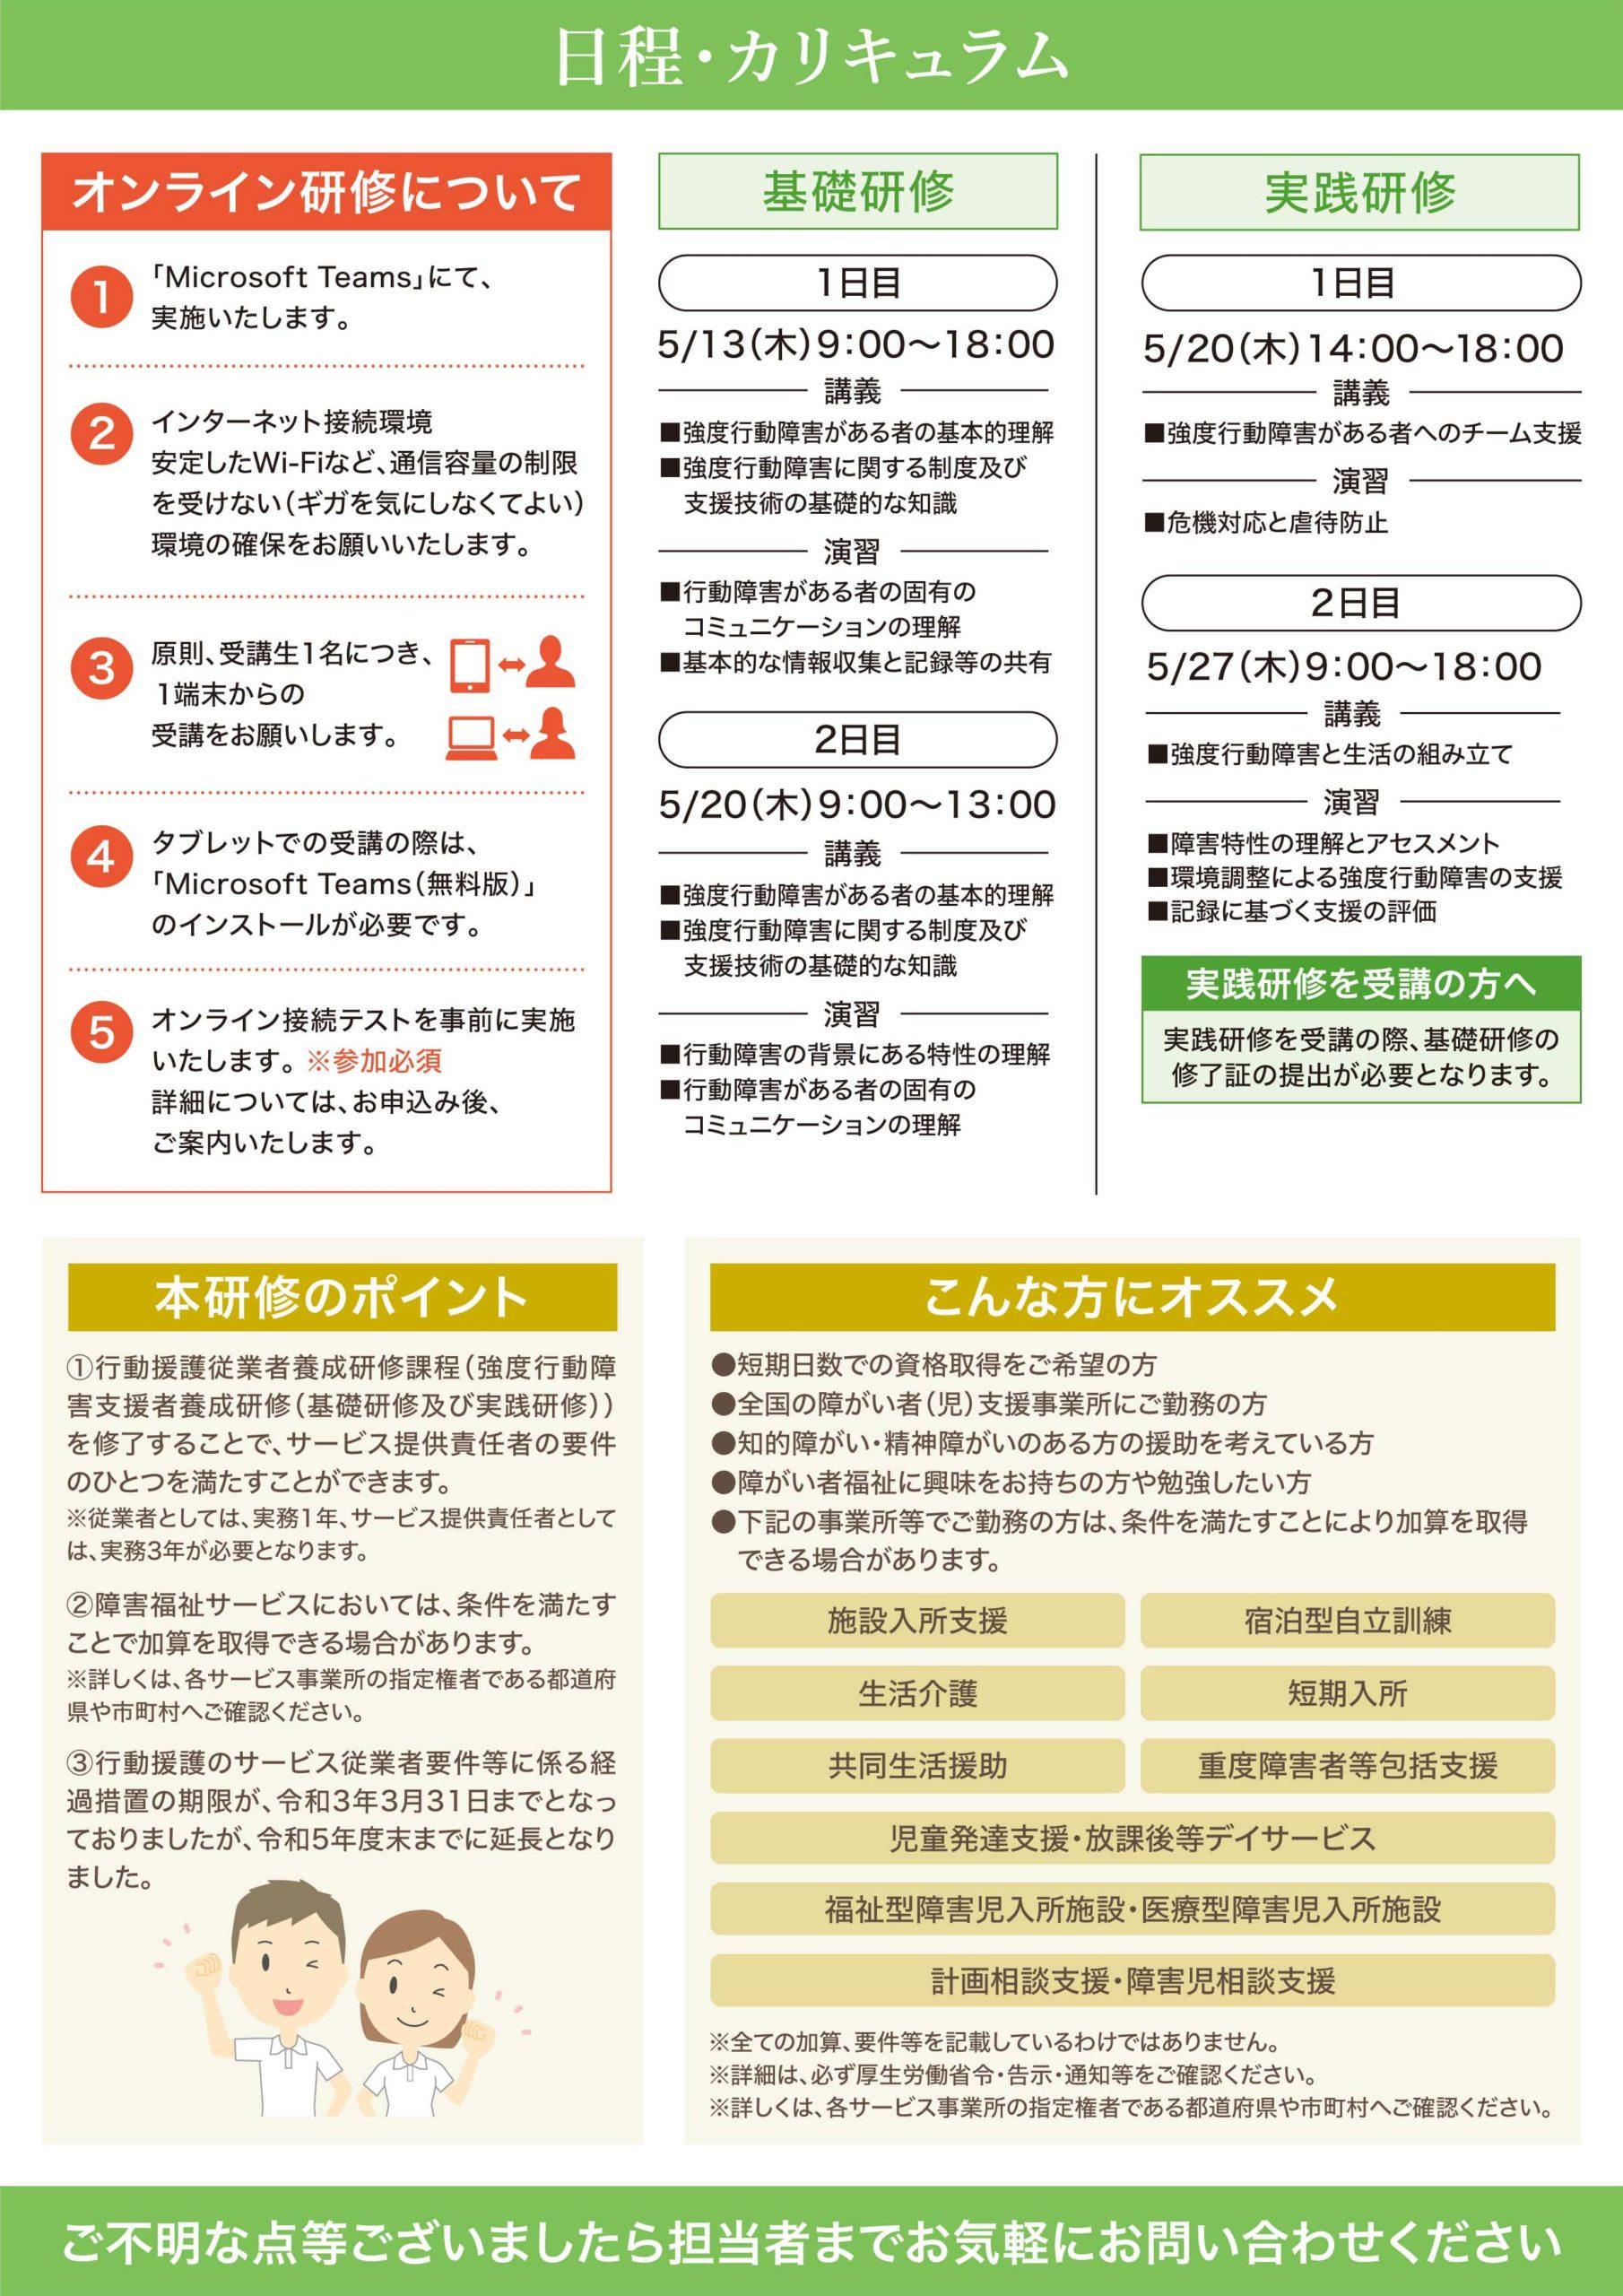 強度行動障害支援者養成研修チラシ(2021-05)オンライン-ウラ